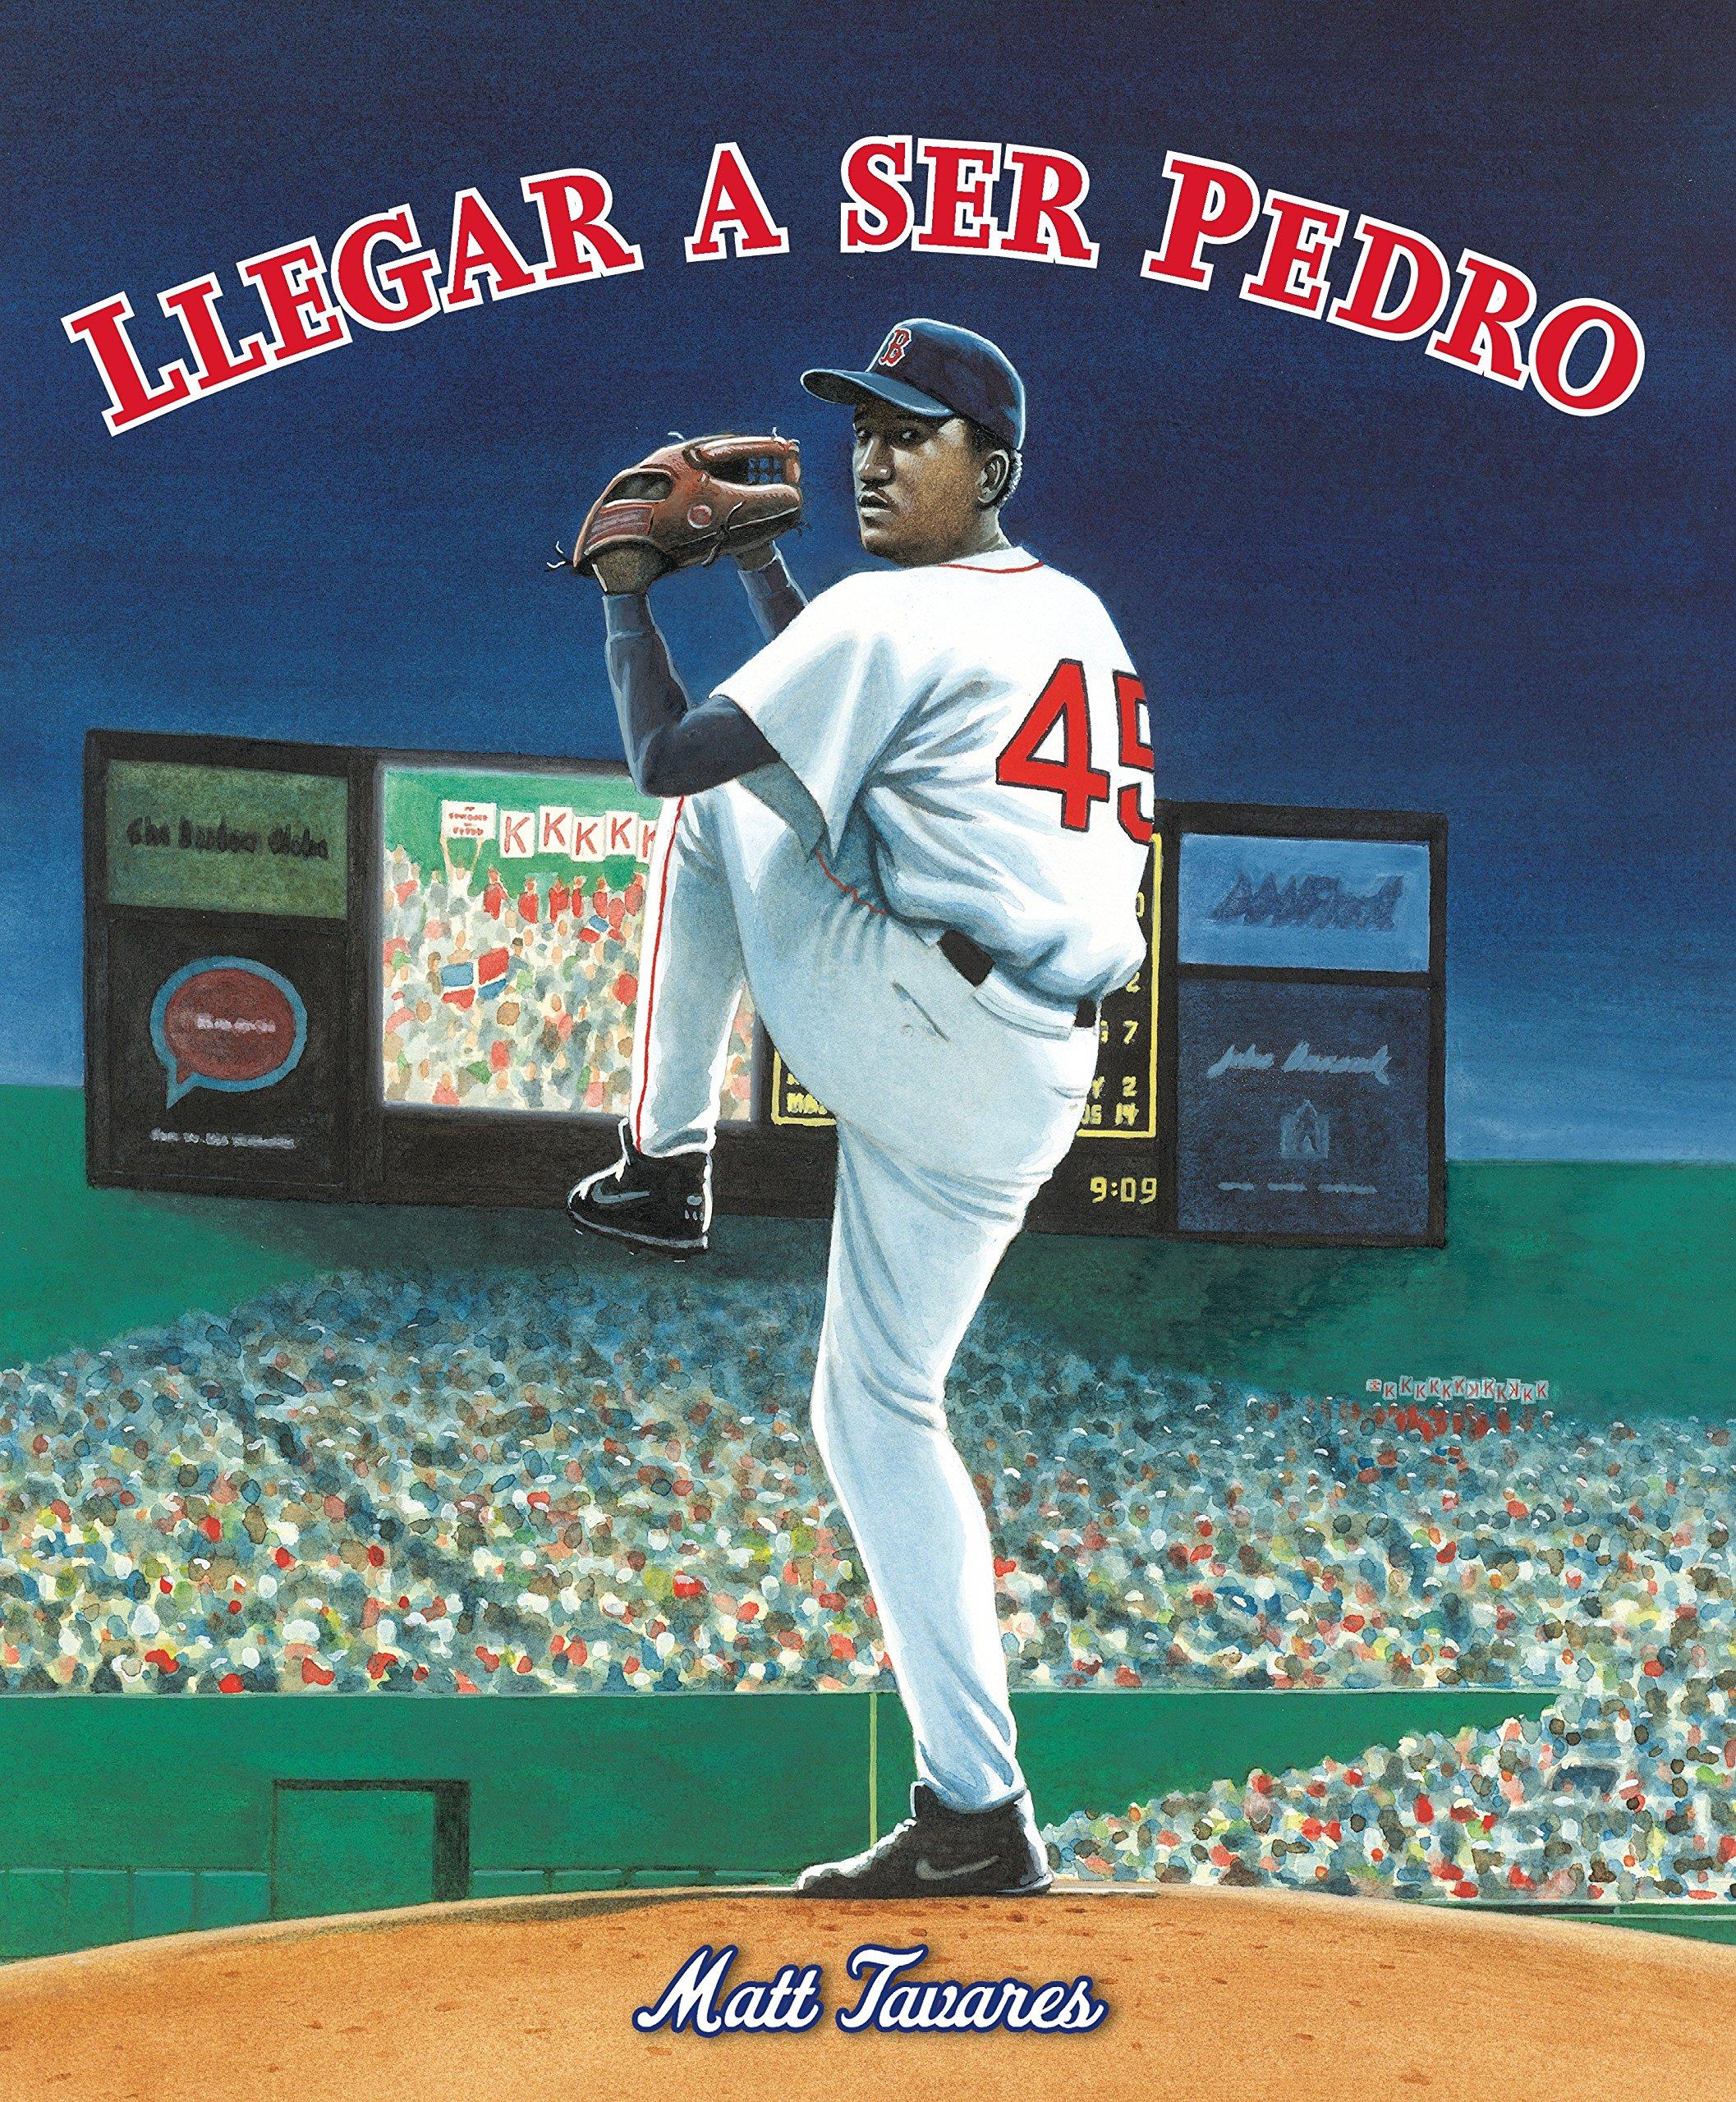 Llegar a Ser Pedro: Cómo los hermanos Martínez llegaron hasta las grandes ligas desde un pequeño pueblo en República Dominicana (Spanish Edition) pdf